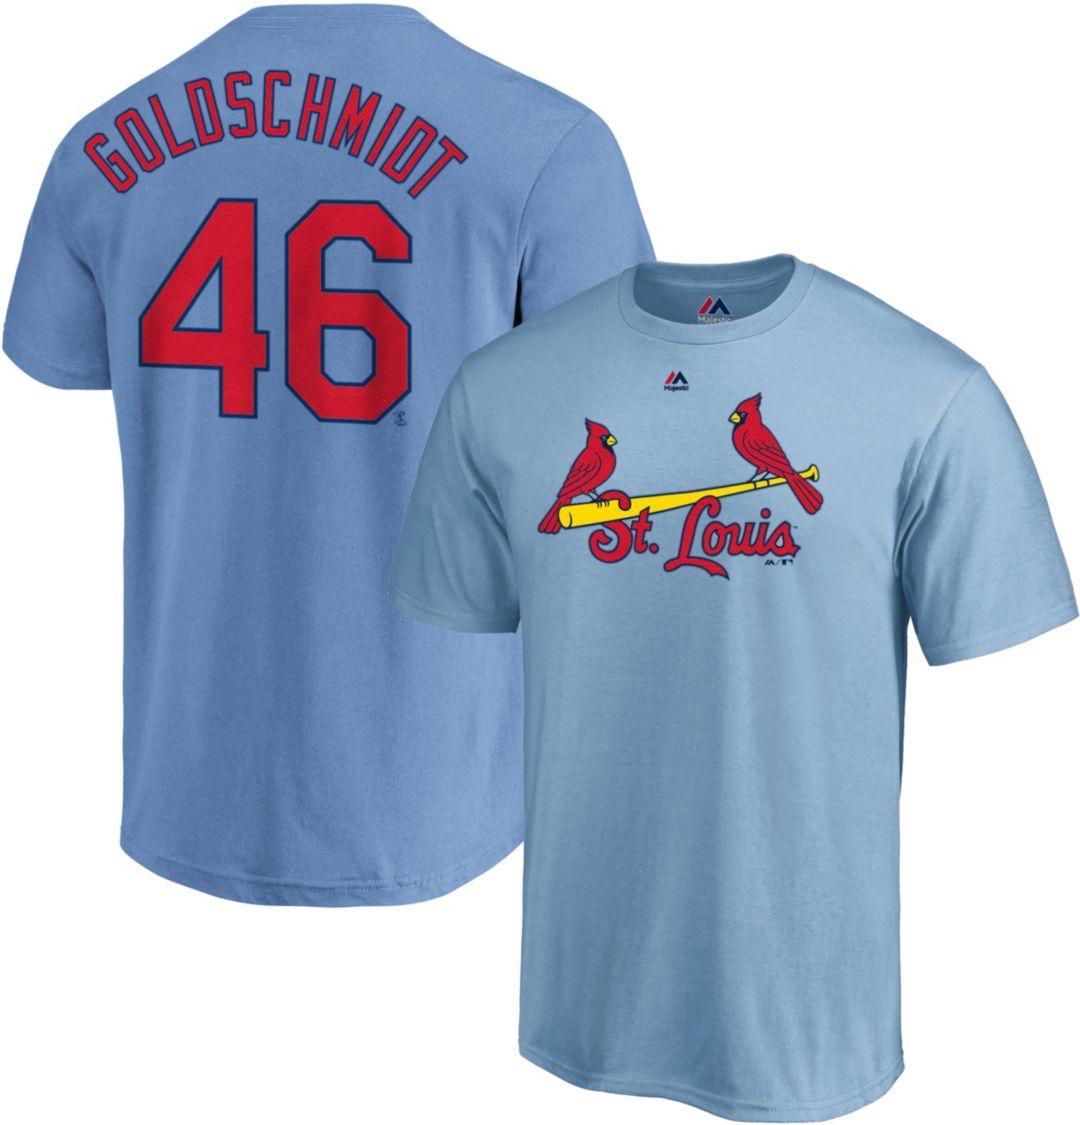 7d07ae29 Majestic Men's St. Louis Cardinals Paul Goldschmidt #46 Light Blue T-Shirt